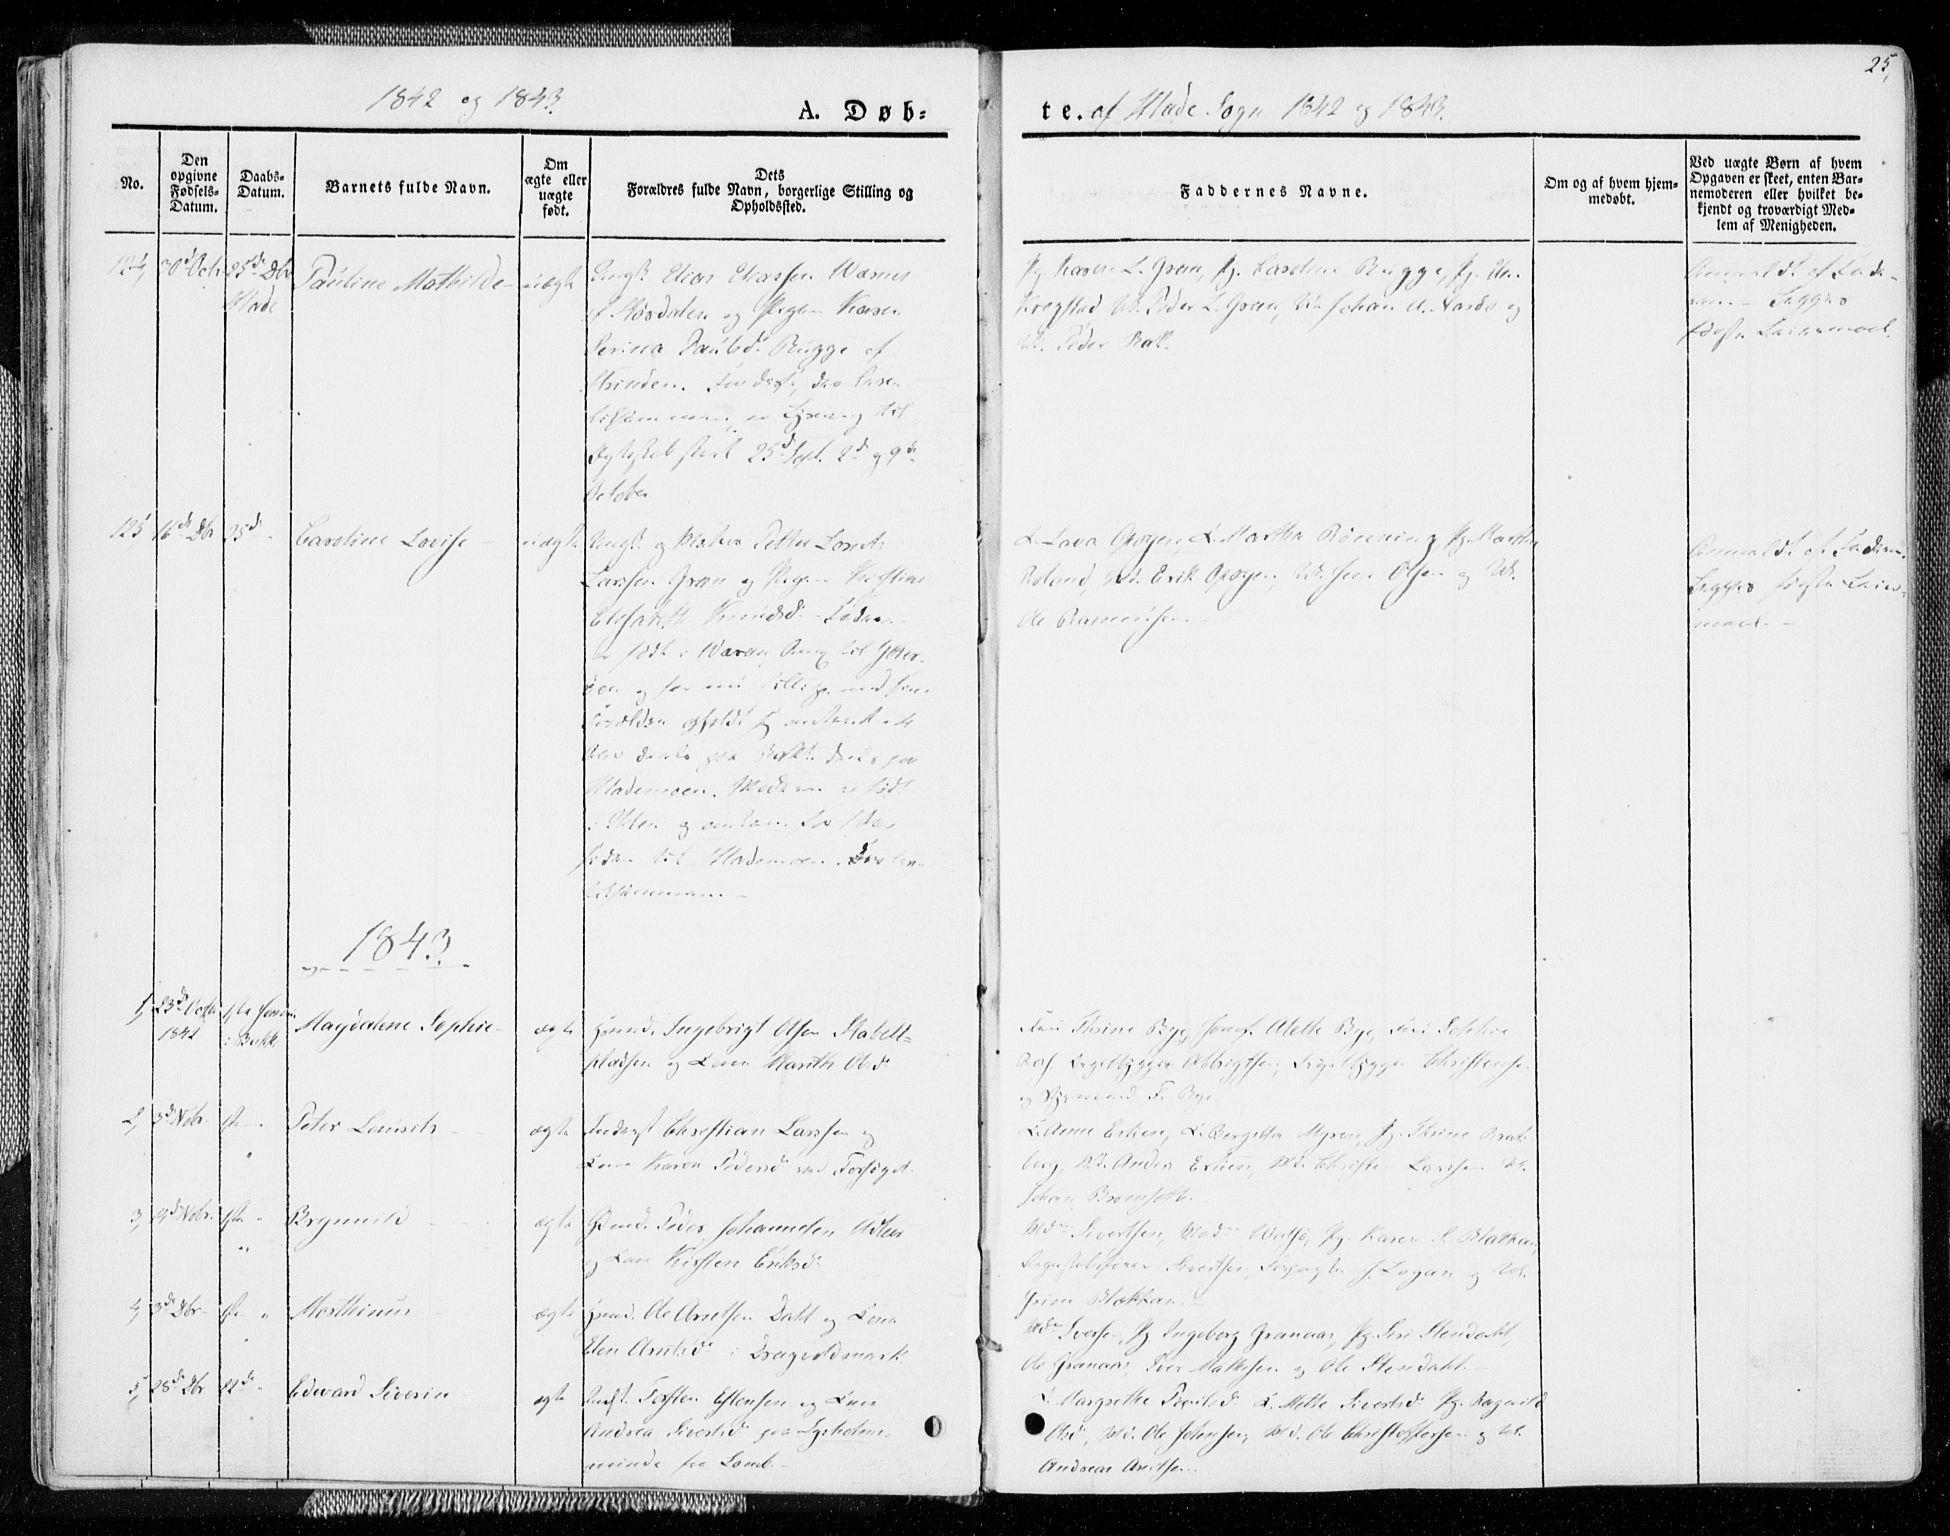 SAT, Ministerialprotokoller, klokkerbøker og fødselsregistre - Sør-Trøndelag, 606/L0290: Ministerialbok nr. 606A05, 1841-1847, s. 25